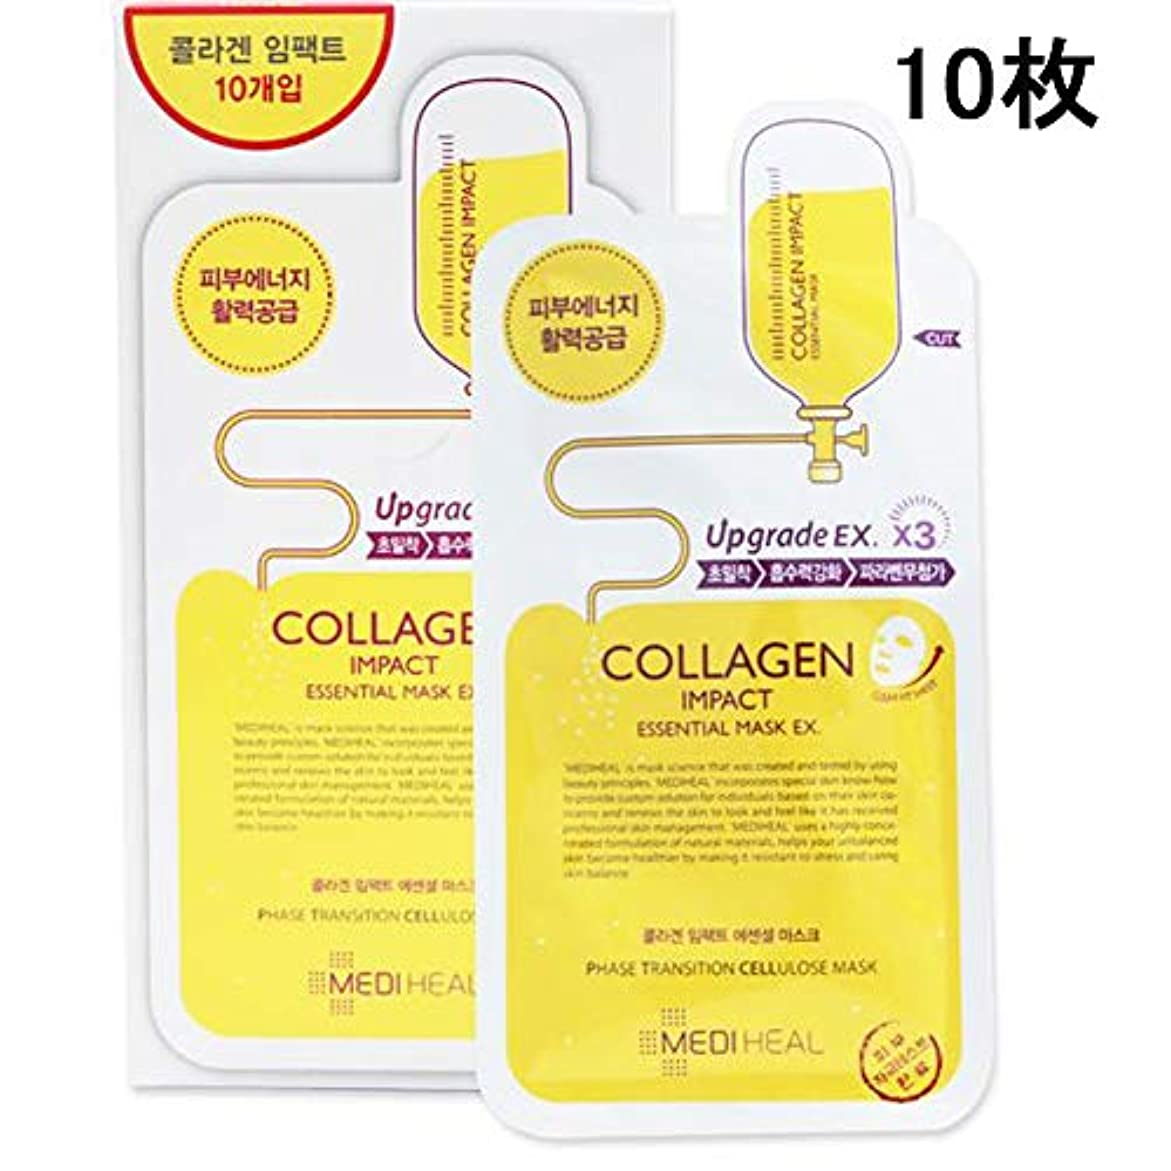 くそー香ばしいリマーク[メディヒール] Mediheal Colagen Impact Essential Mask メディヒールコラーゲンインパクトエッセンシャルマスクシートEX 10枚 (24ml) [海外直送品][並行輸入品]